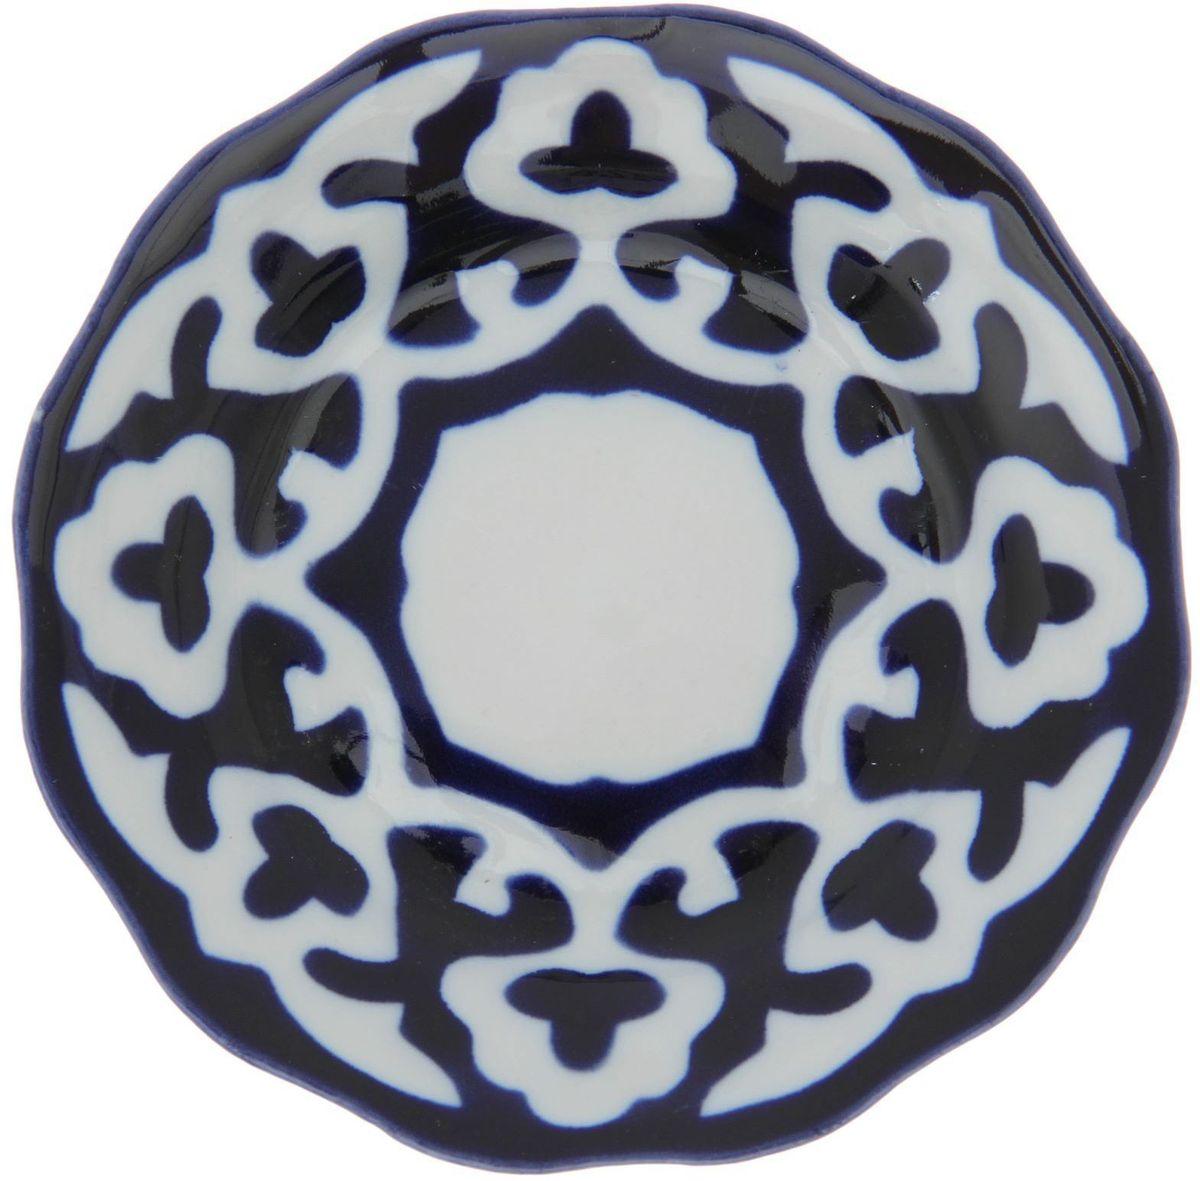 Тарелка Turon Porcelain Пахта, цвет: белый, синий, диаметр 12,5 см1386442Узбекская посуда известна всему миру уже более тысячи лет. Ей любовались царские особы, на ней подавали еду для шейхов и знатных персон. Формулы красок и глазури передаются из поколения в поколение. По сей день качественные расписные изделия продолжают восхищать совершенством и завораживающей красотой.Тарелка Turon Porcelain Пахта подойдет для повседневной и праздничной сервировки. Дополните стол текстилем и салфетками в тон, чтобы получить элегантное убранство с яркими акцентами.Национальная узбекская роспись Пахта сдержанна и благородна. Витиеватые узоры выводятся тонкой кистью, а фон заливается кобальтом. Синий краситель при обжиге слегка растекается и придает контуру изображений голубой оттенок. Густая глазурь наносится толстым слоем, благодаря чему рисунок мерцает.